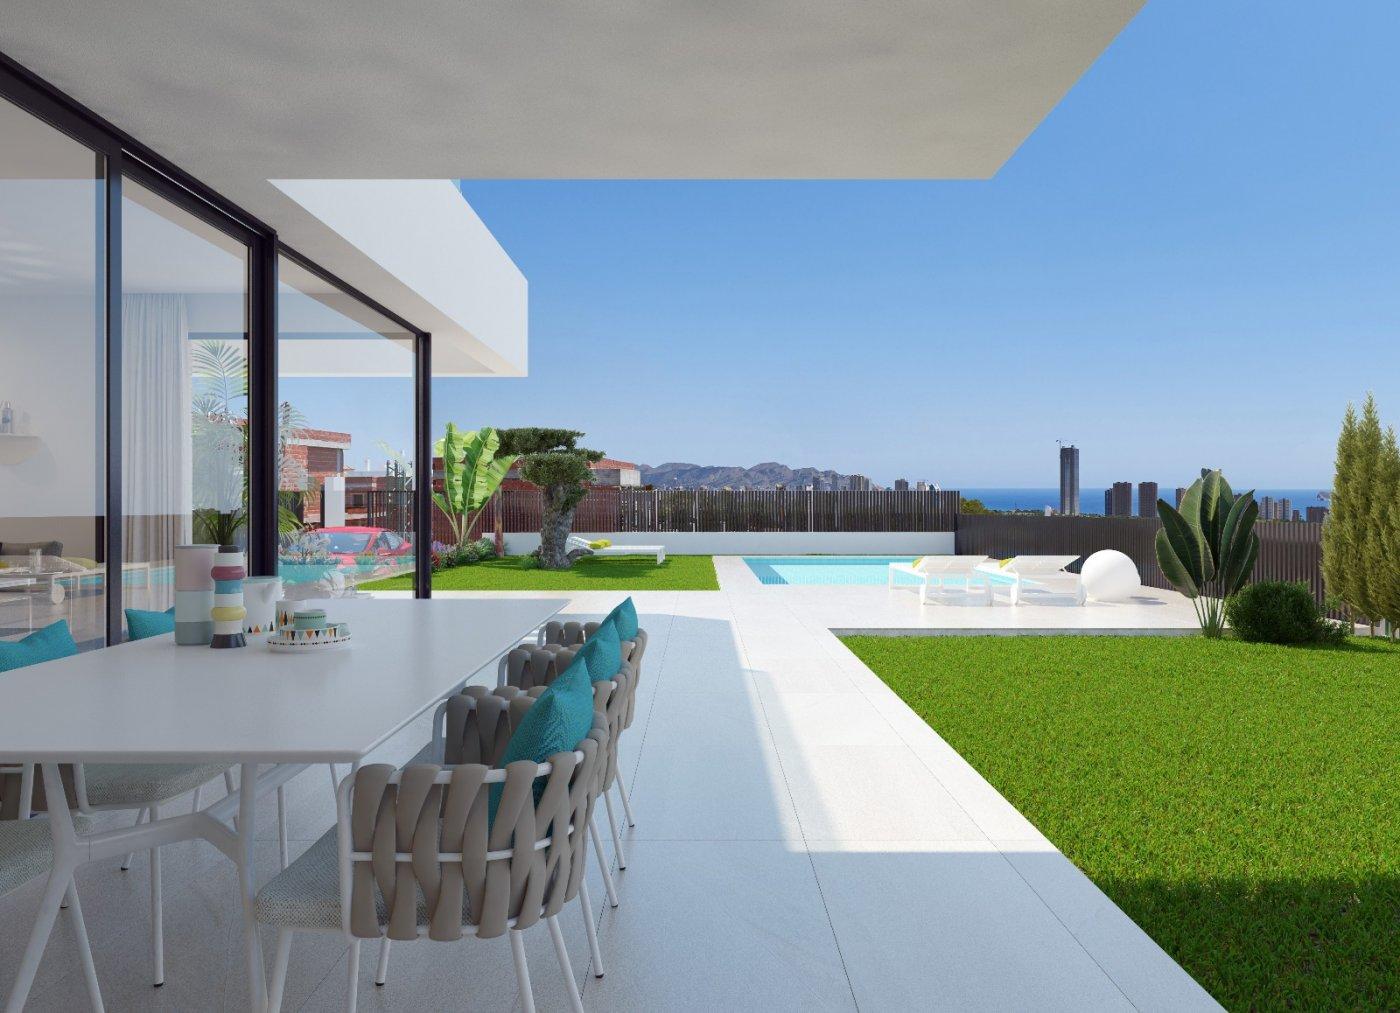 Villas de obra nueva modernas con vistas al mar en sierra cortina - imagenInmueble1